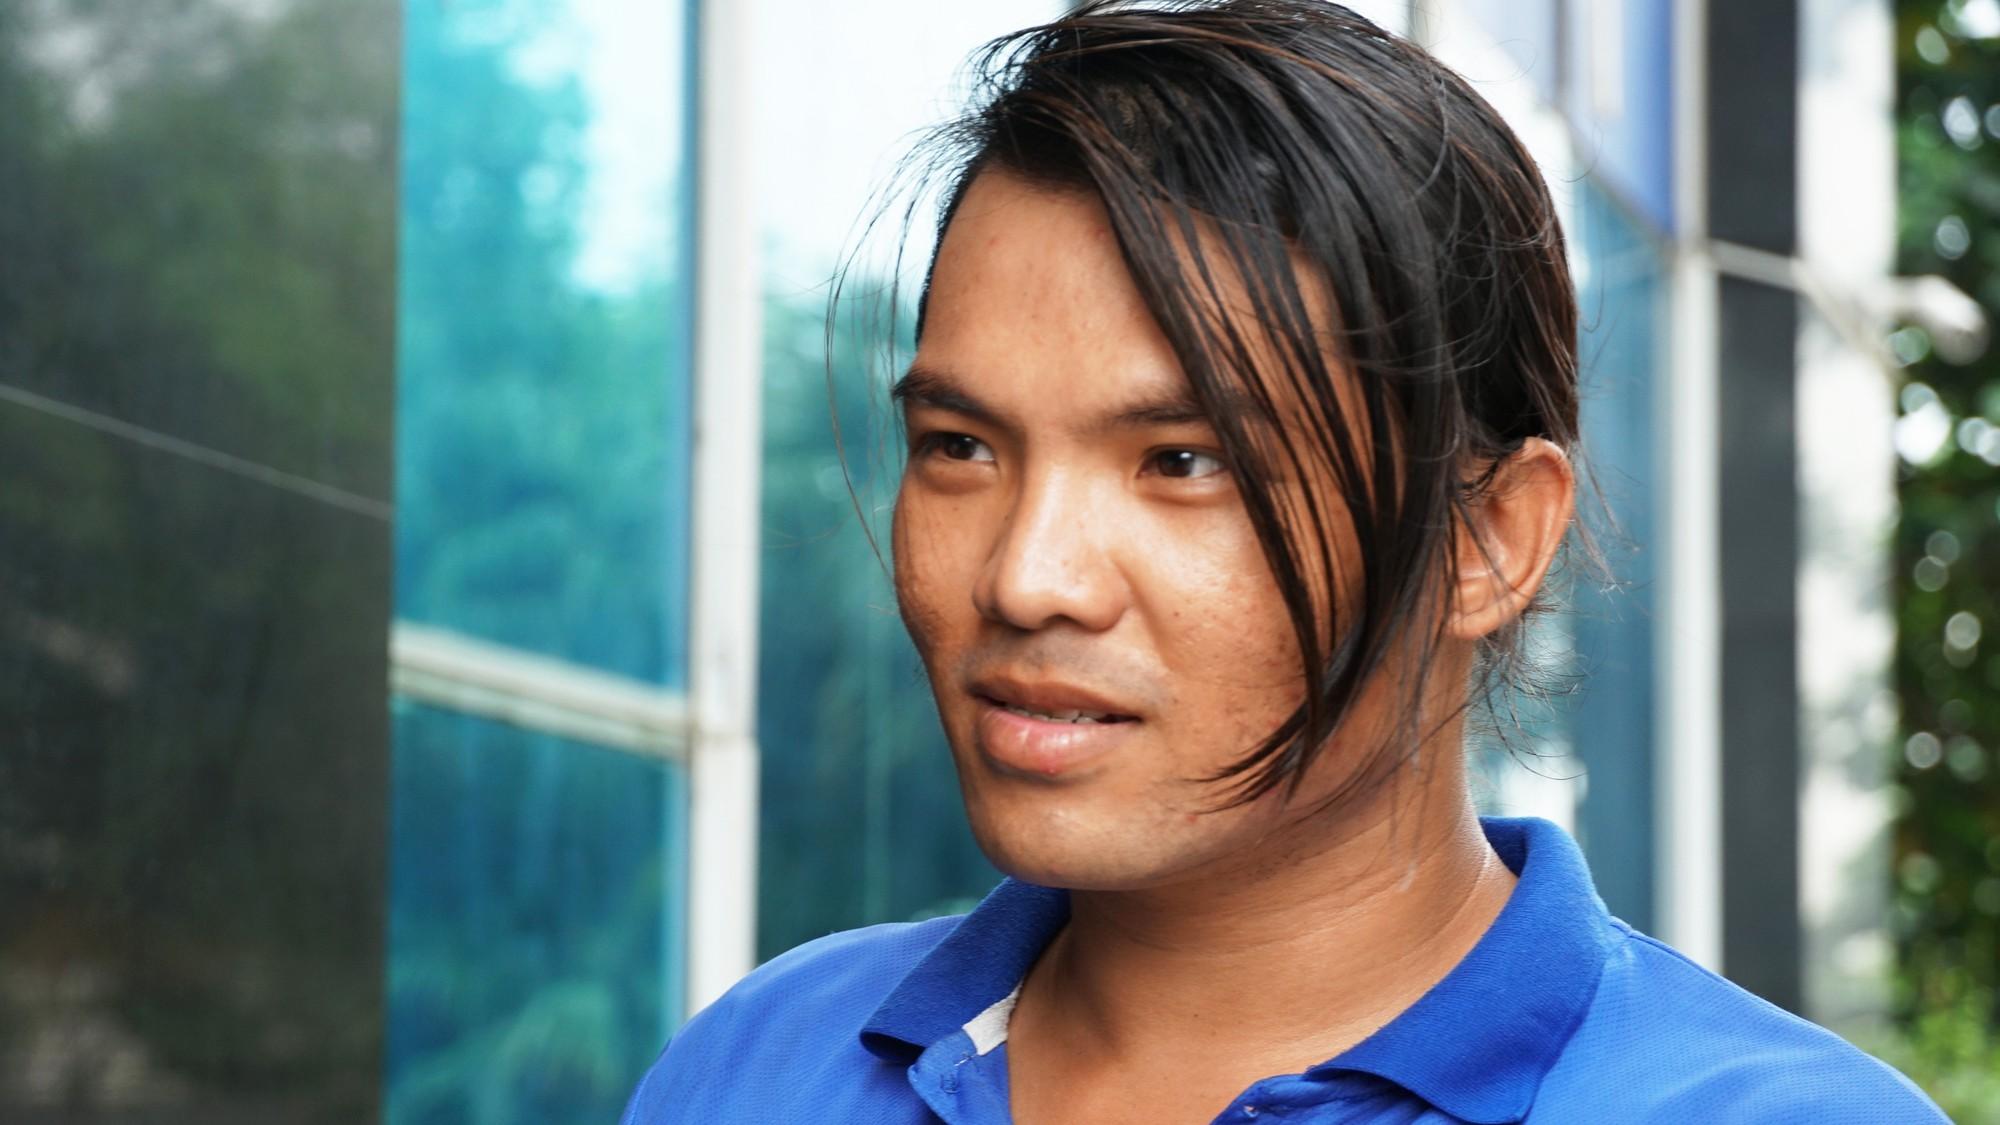 Cuộc sống vất vả mà bình dị của mẹ con nam công nhân trả lại 7.400 USD cho người nước ngoài - Ảnh 2.